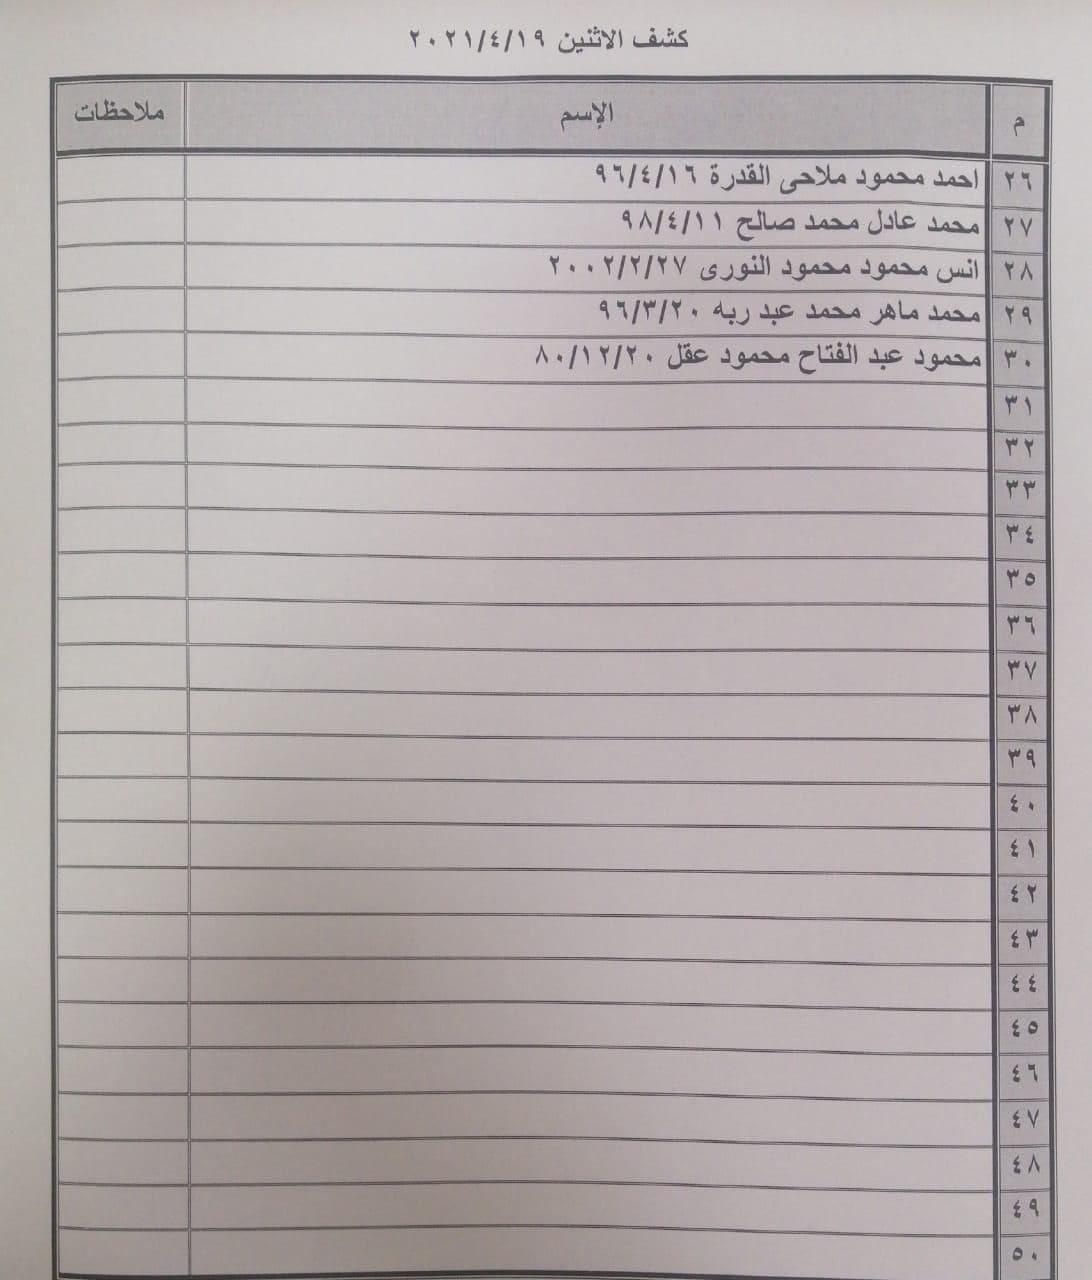 بالأسماء: داخلية غزّة تُعلن وصول كشف تنسيقات مصرية للسفر يوم الإثنين المقبل